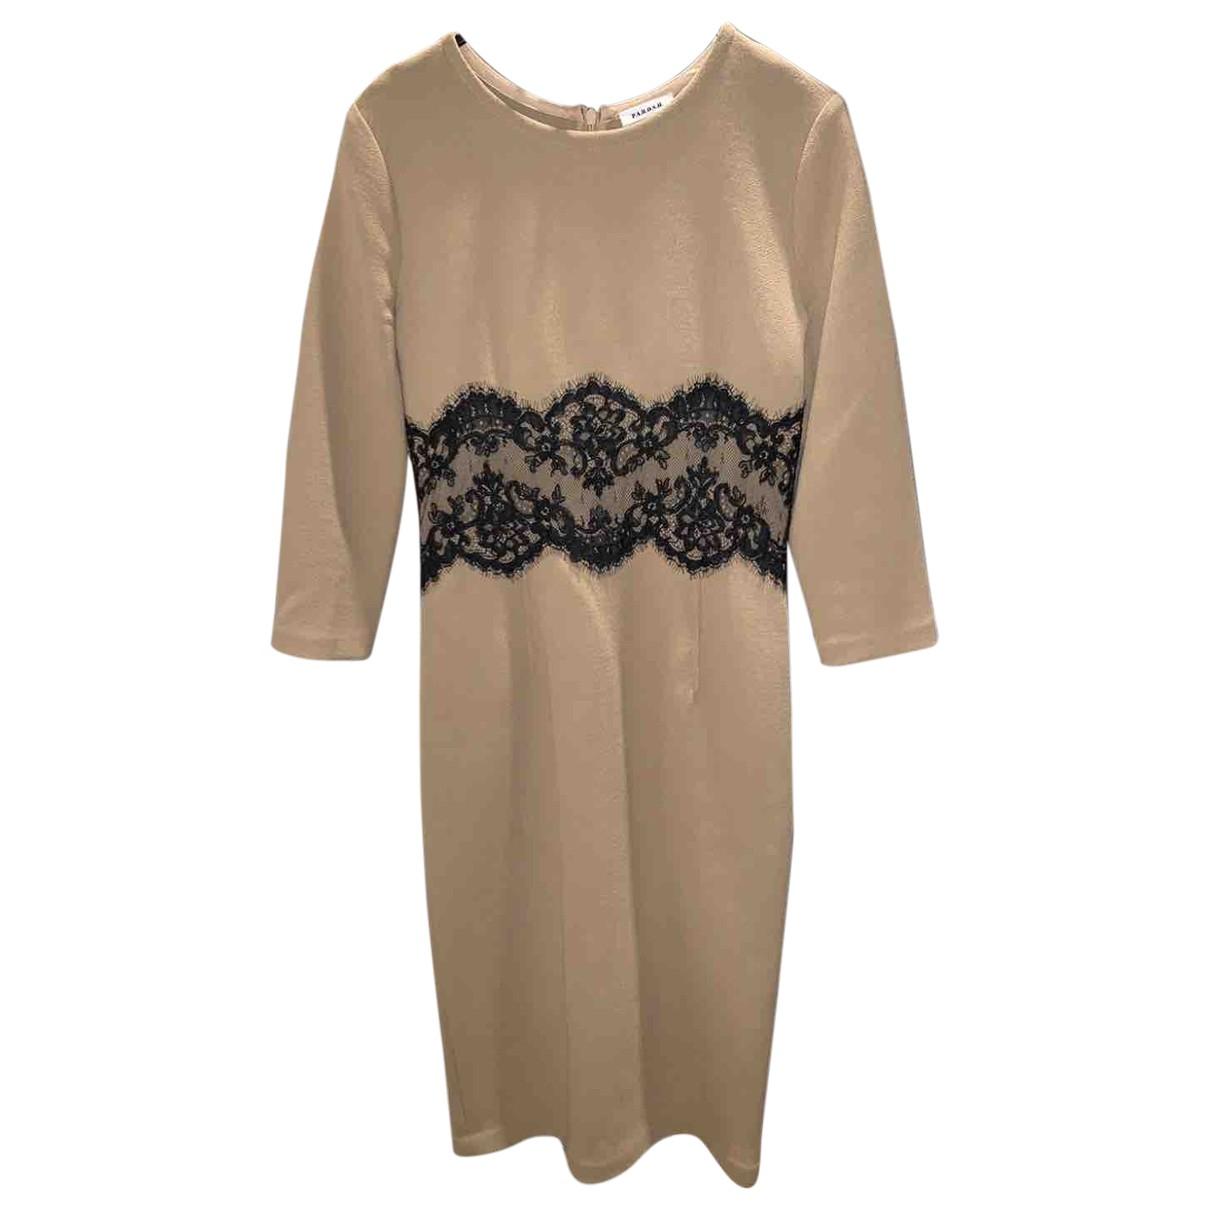 Parosh \N Kleid in  Beige Wolle